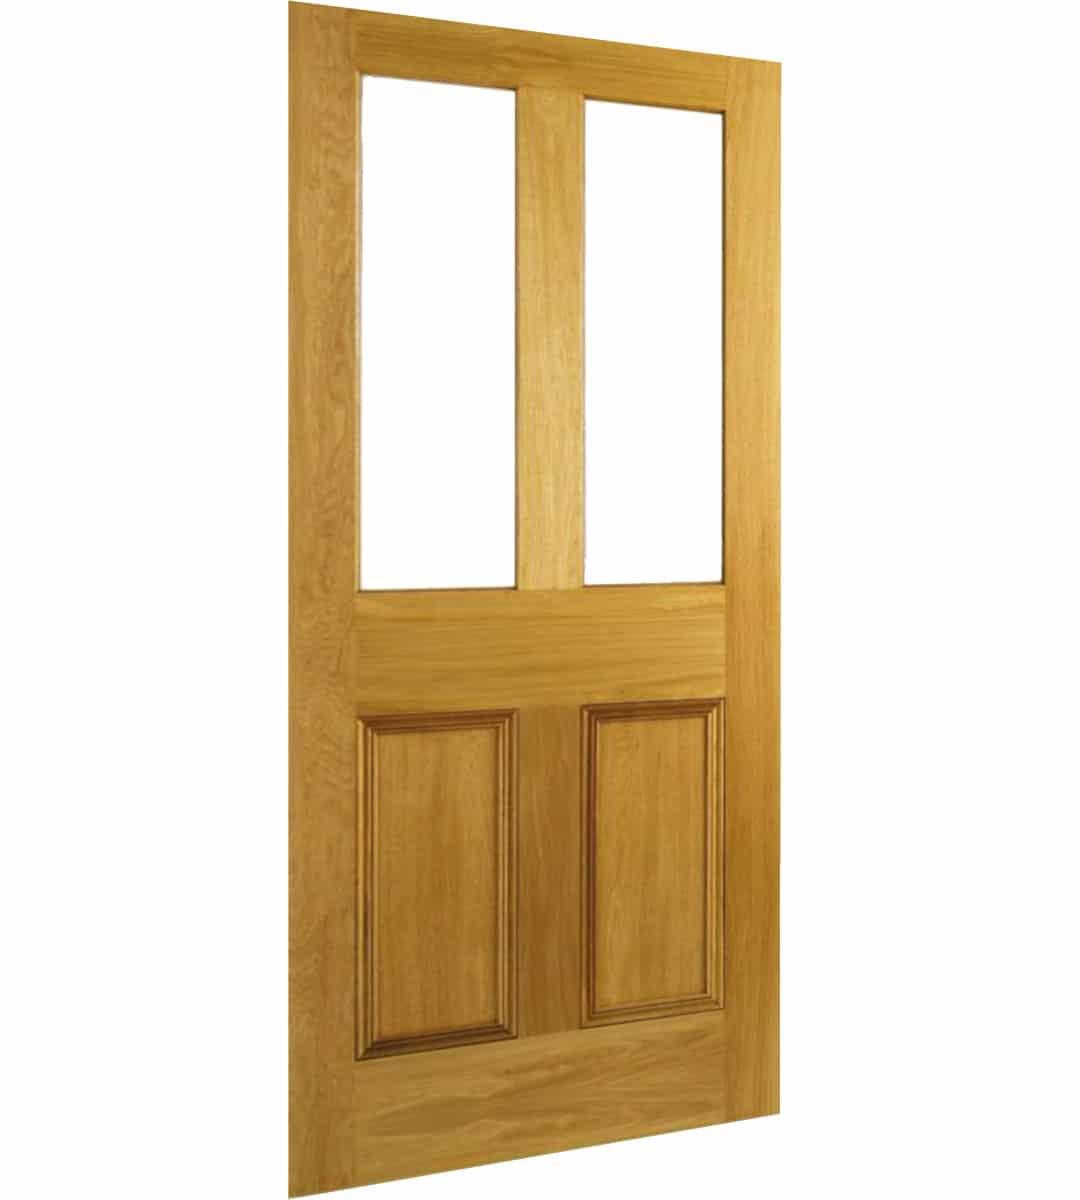 malton-oak-internal-door-unglazed-skew